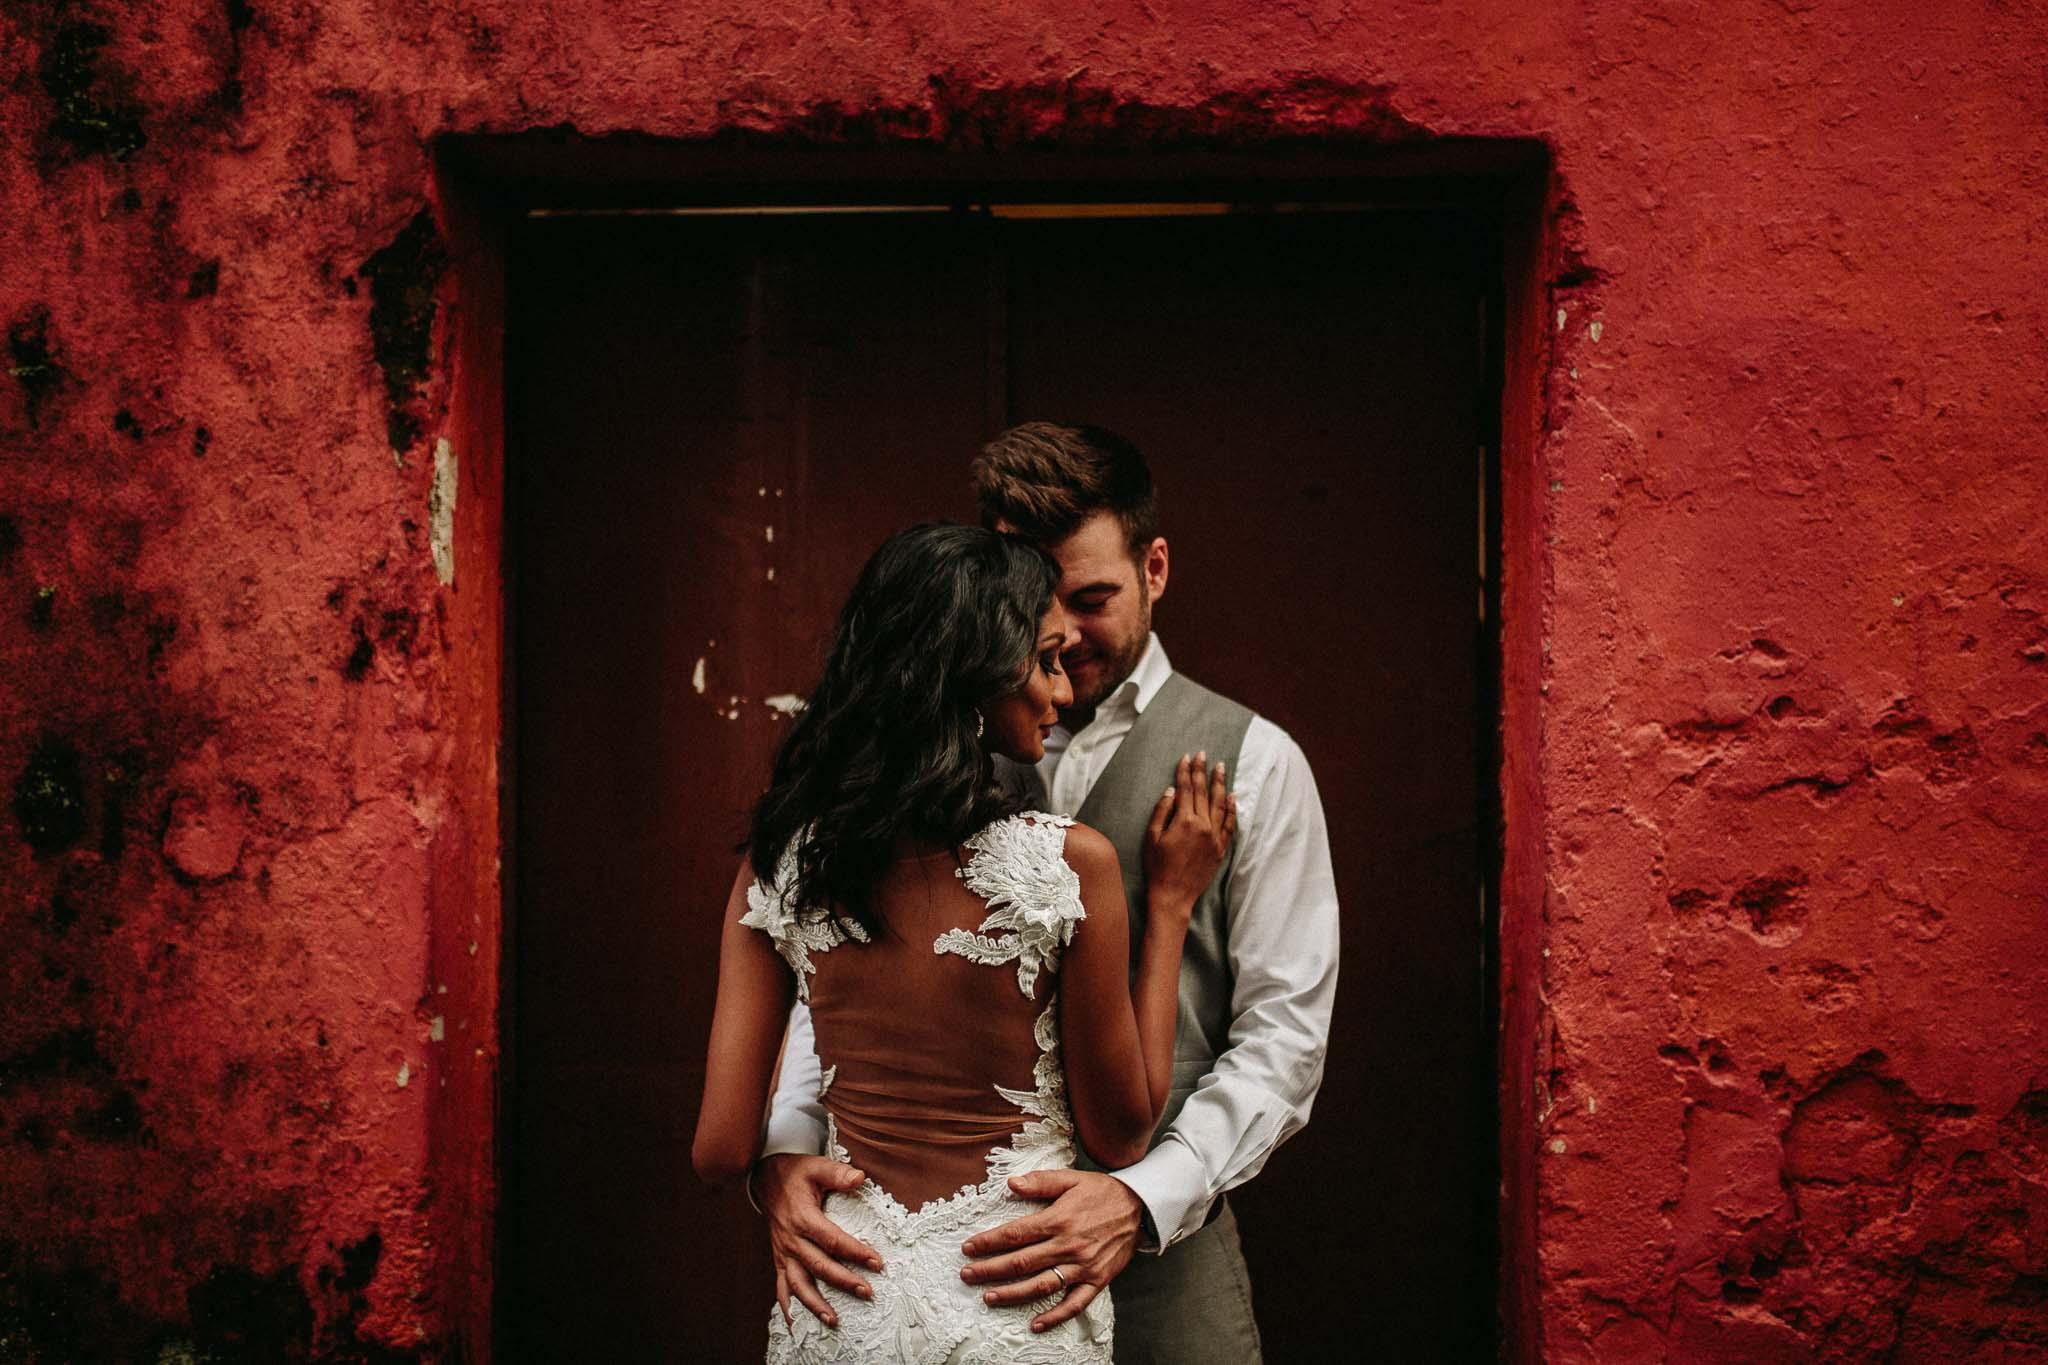 u&m-weddingsbyqay-lovesession-destinationweddingphotographer (57 of 160).jpg